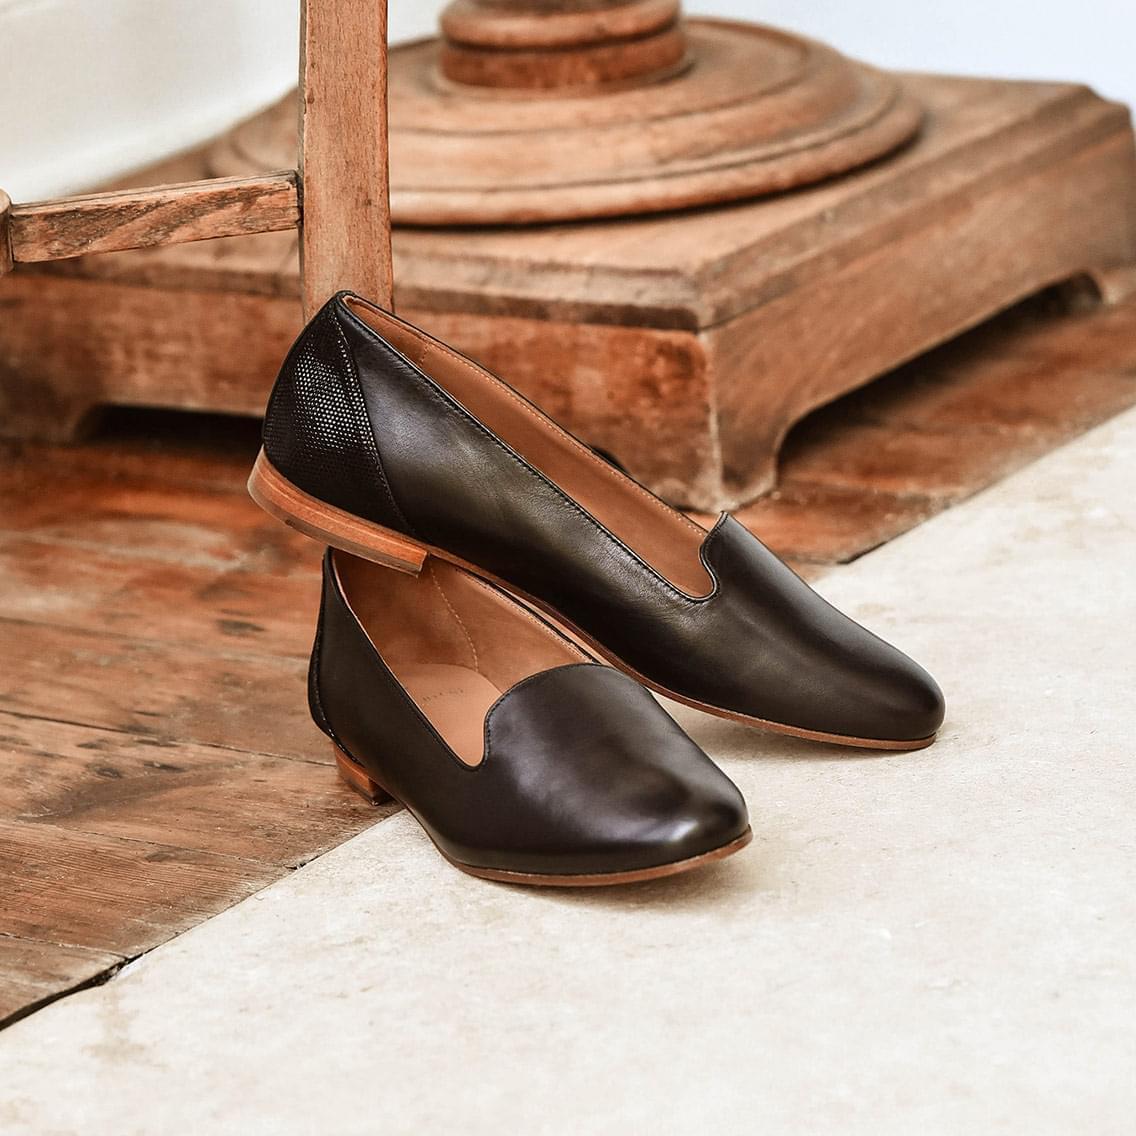 styles de variété de 2019 Quantité limitée vente en magasin Slippers pour Femme : Chaussures en Cuir - Pied de Biche